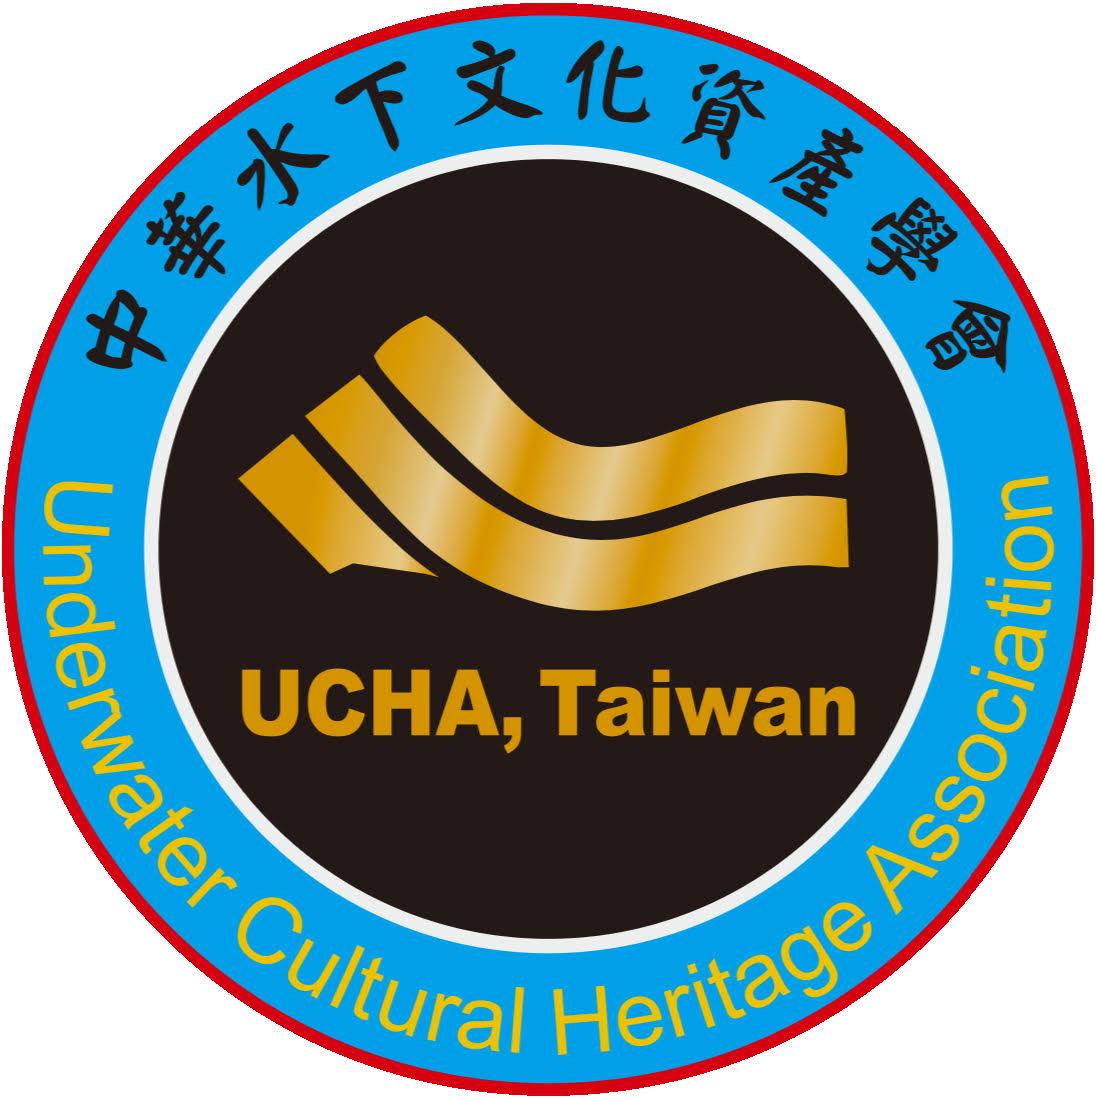 UCHA Taiwan